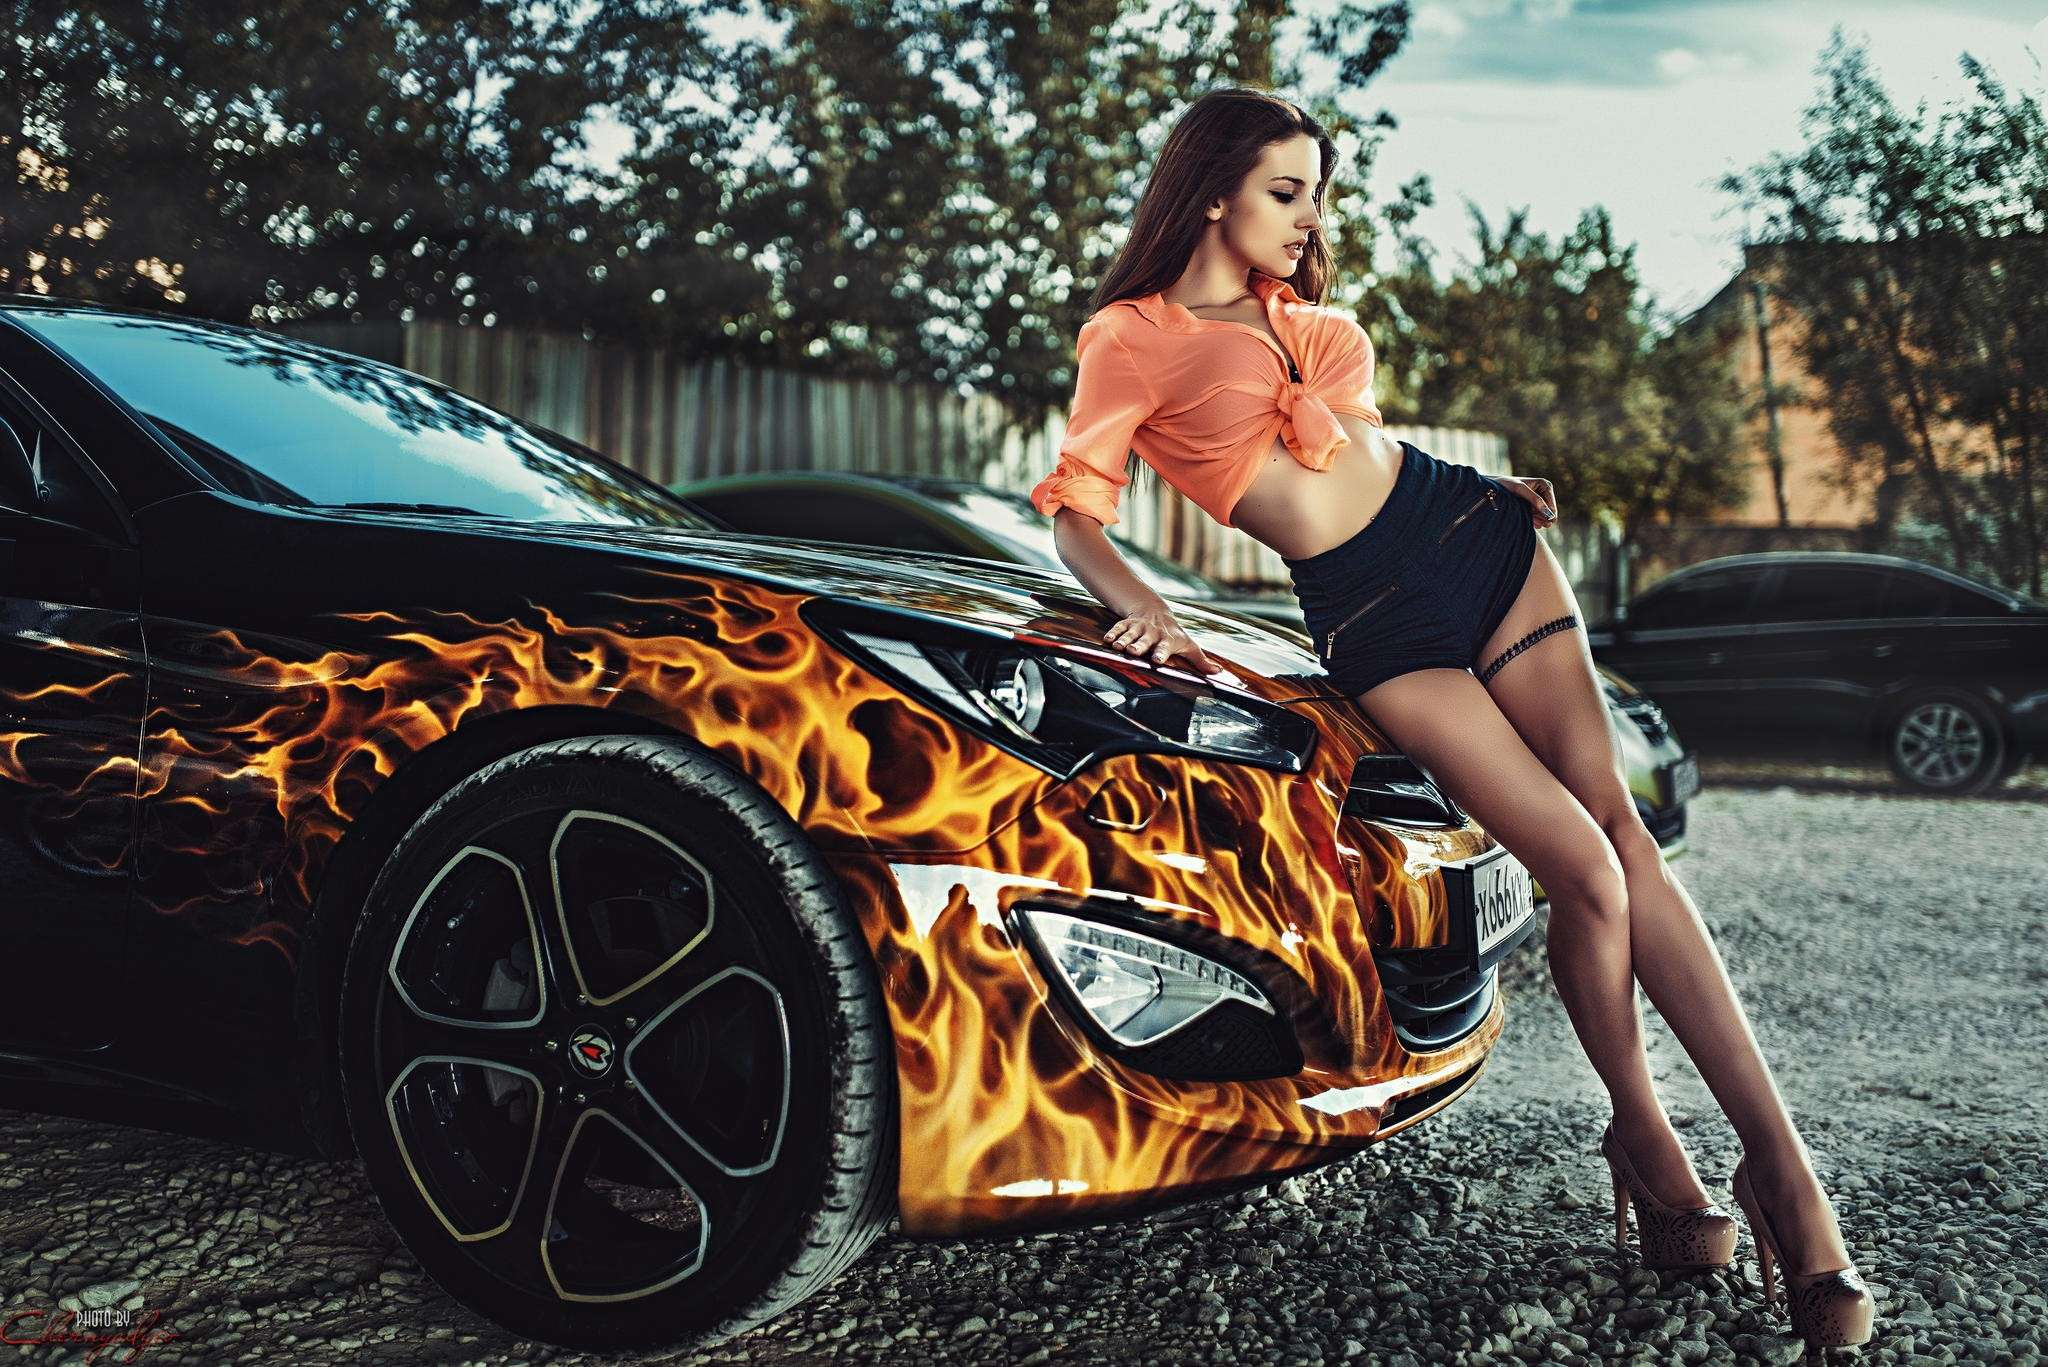 Сексуальные девушки и автомобили (часть 17)